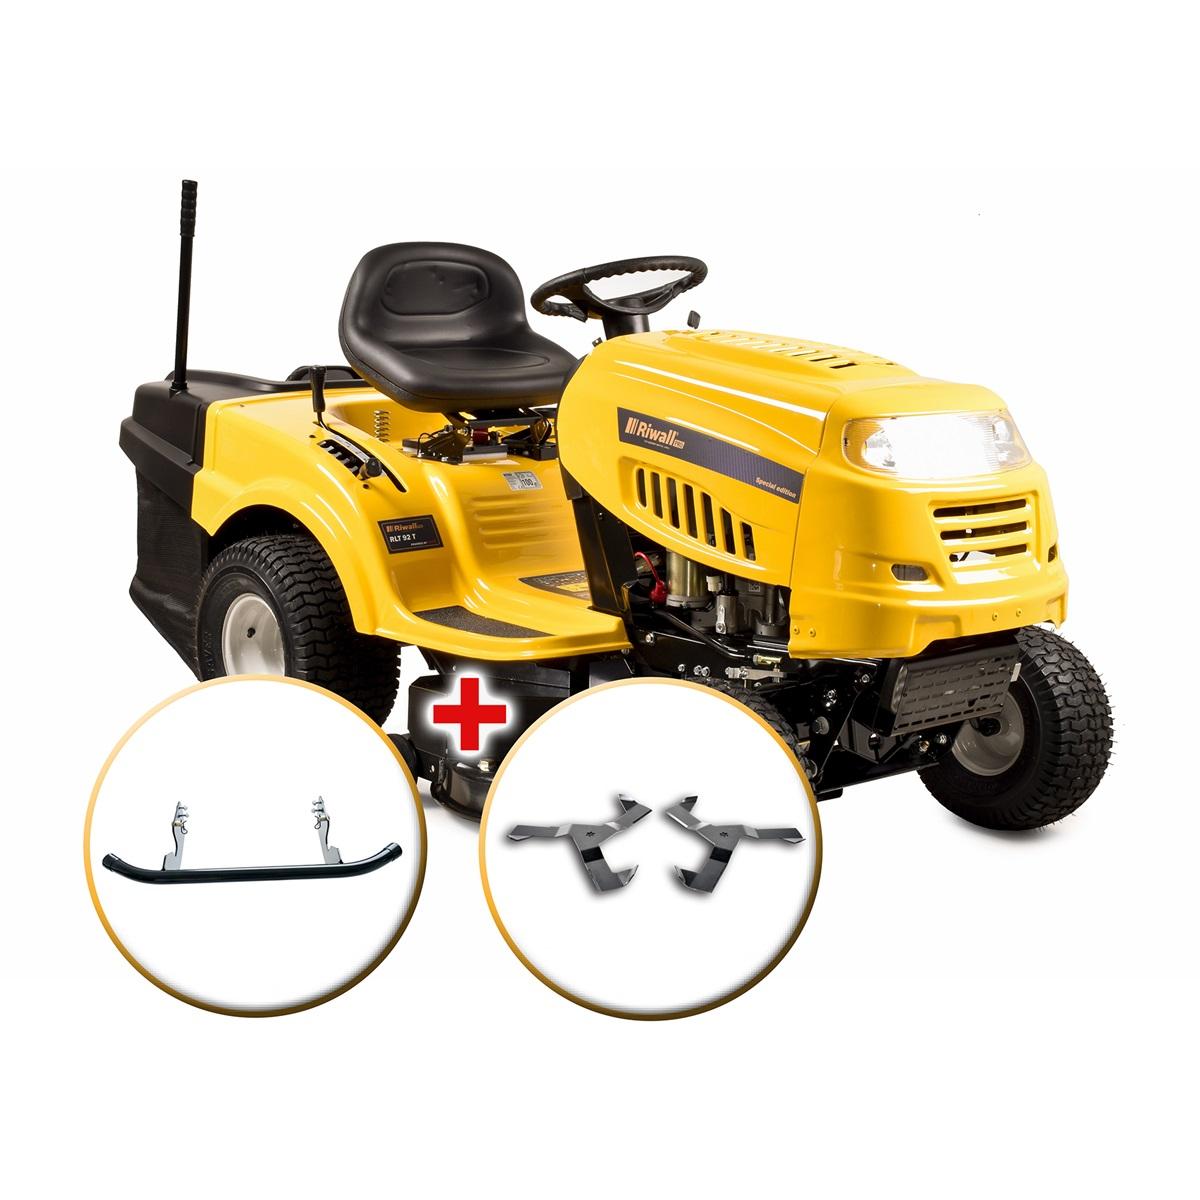 travní traktor se zadním výhozem a 6-ti stupňovou převodovkou Transmatic + nárazník Riwall PRO RLT 92 T POWER KIT